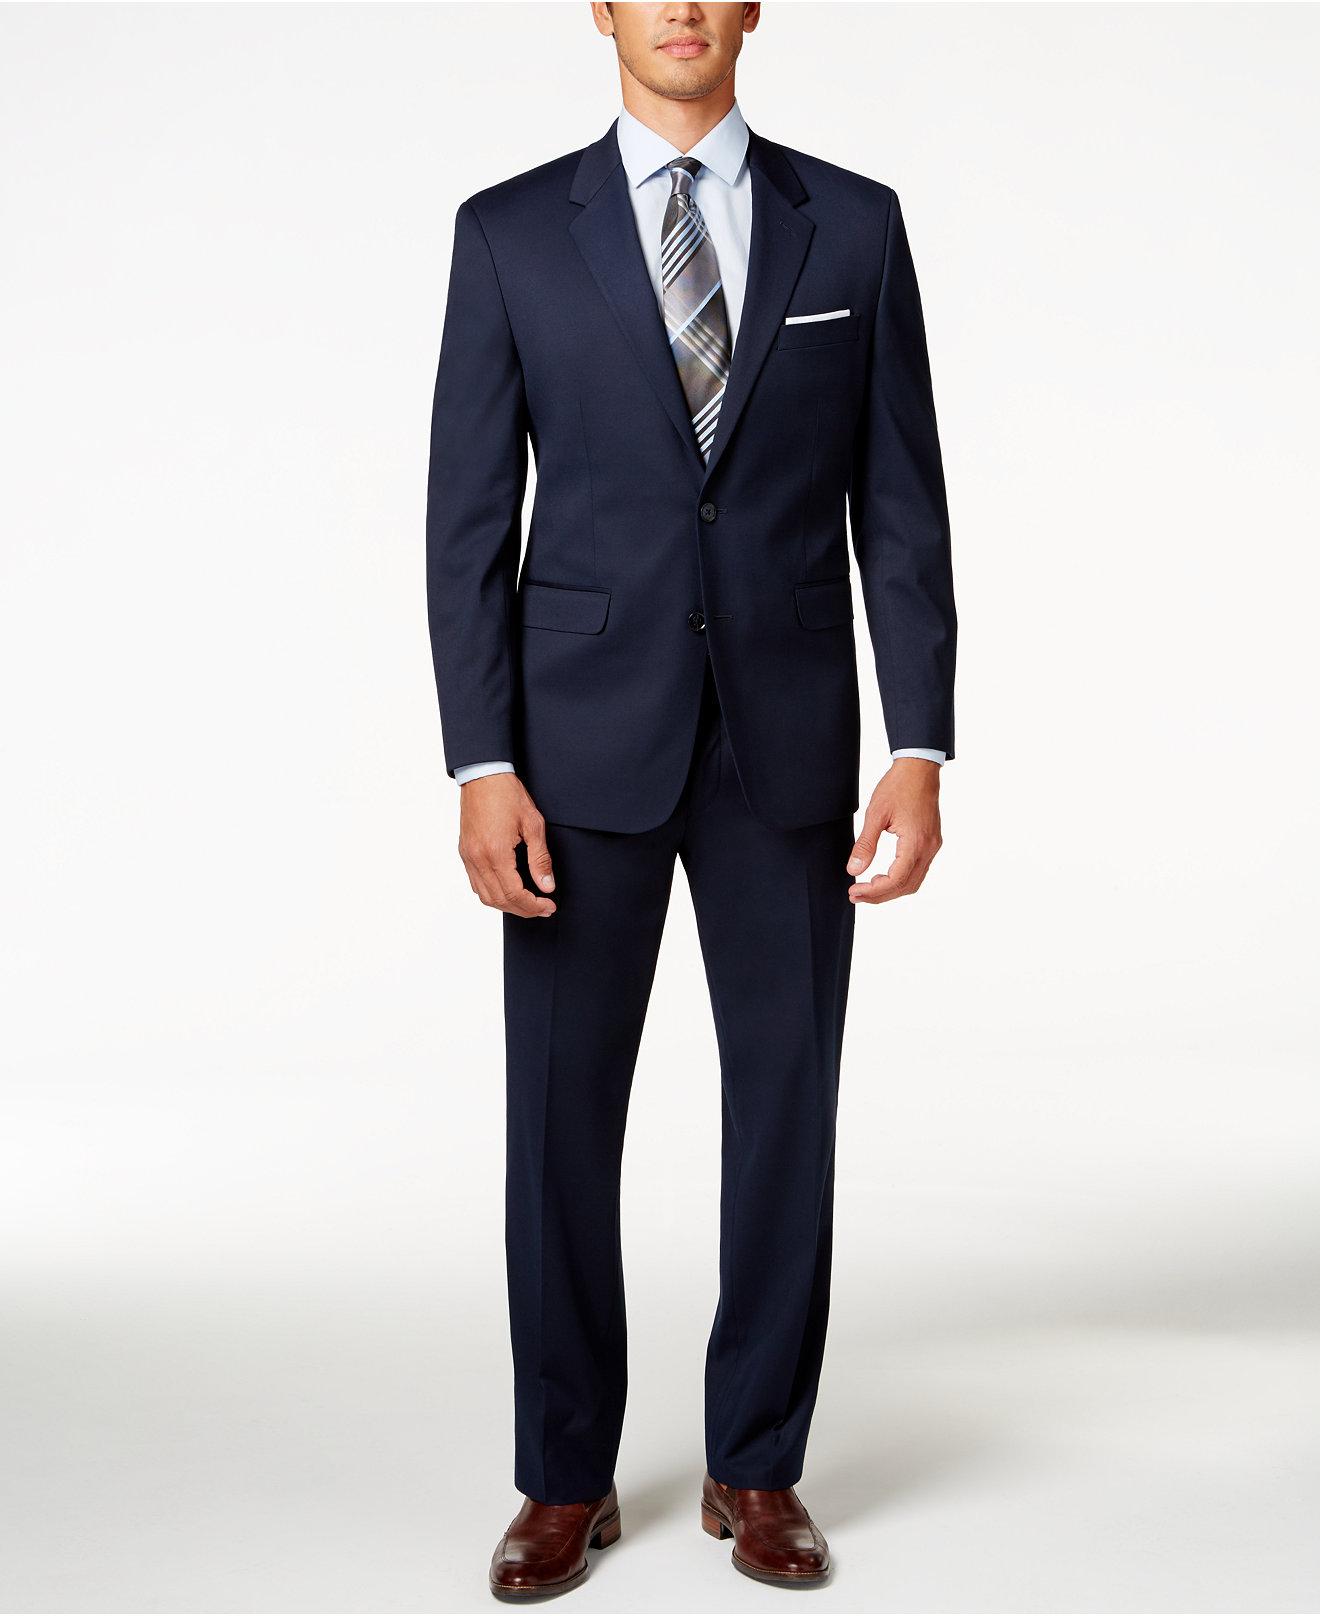 Alfani Men's Traveler Navy Solid Classicfit Suit Separates, Created For  Macy's